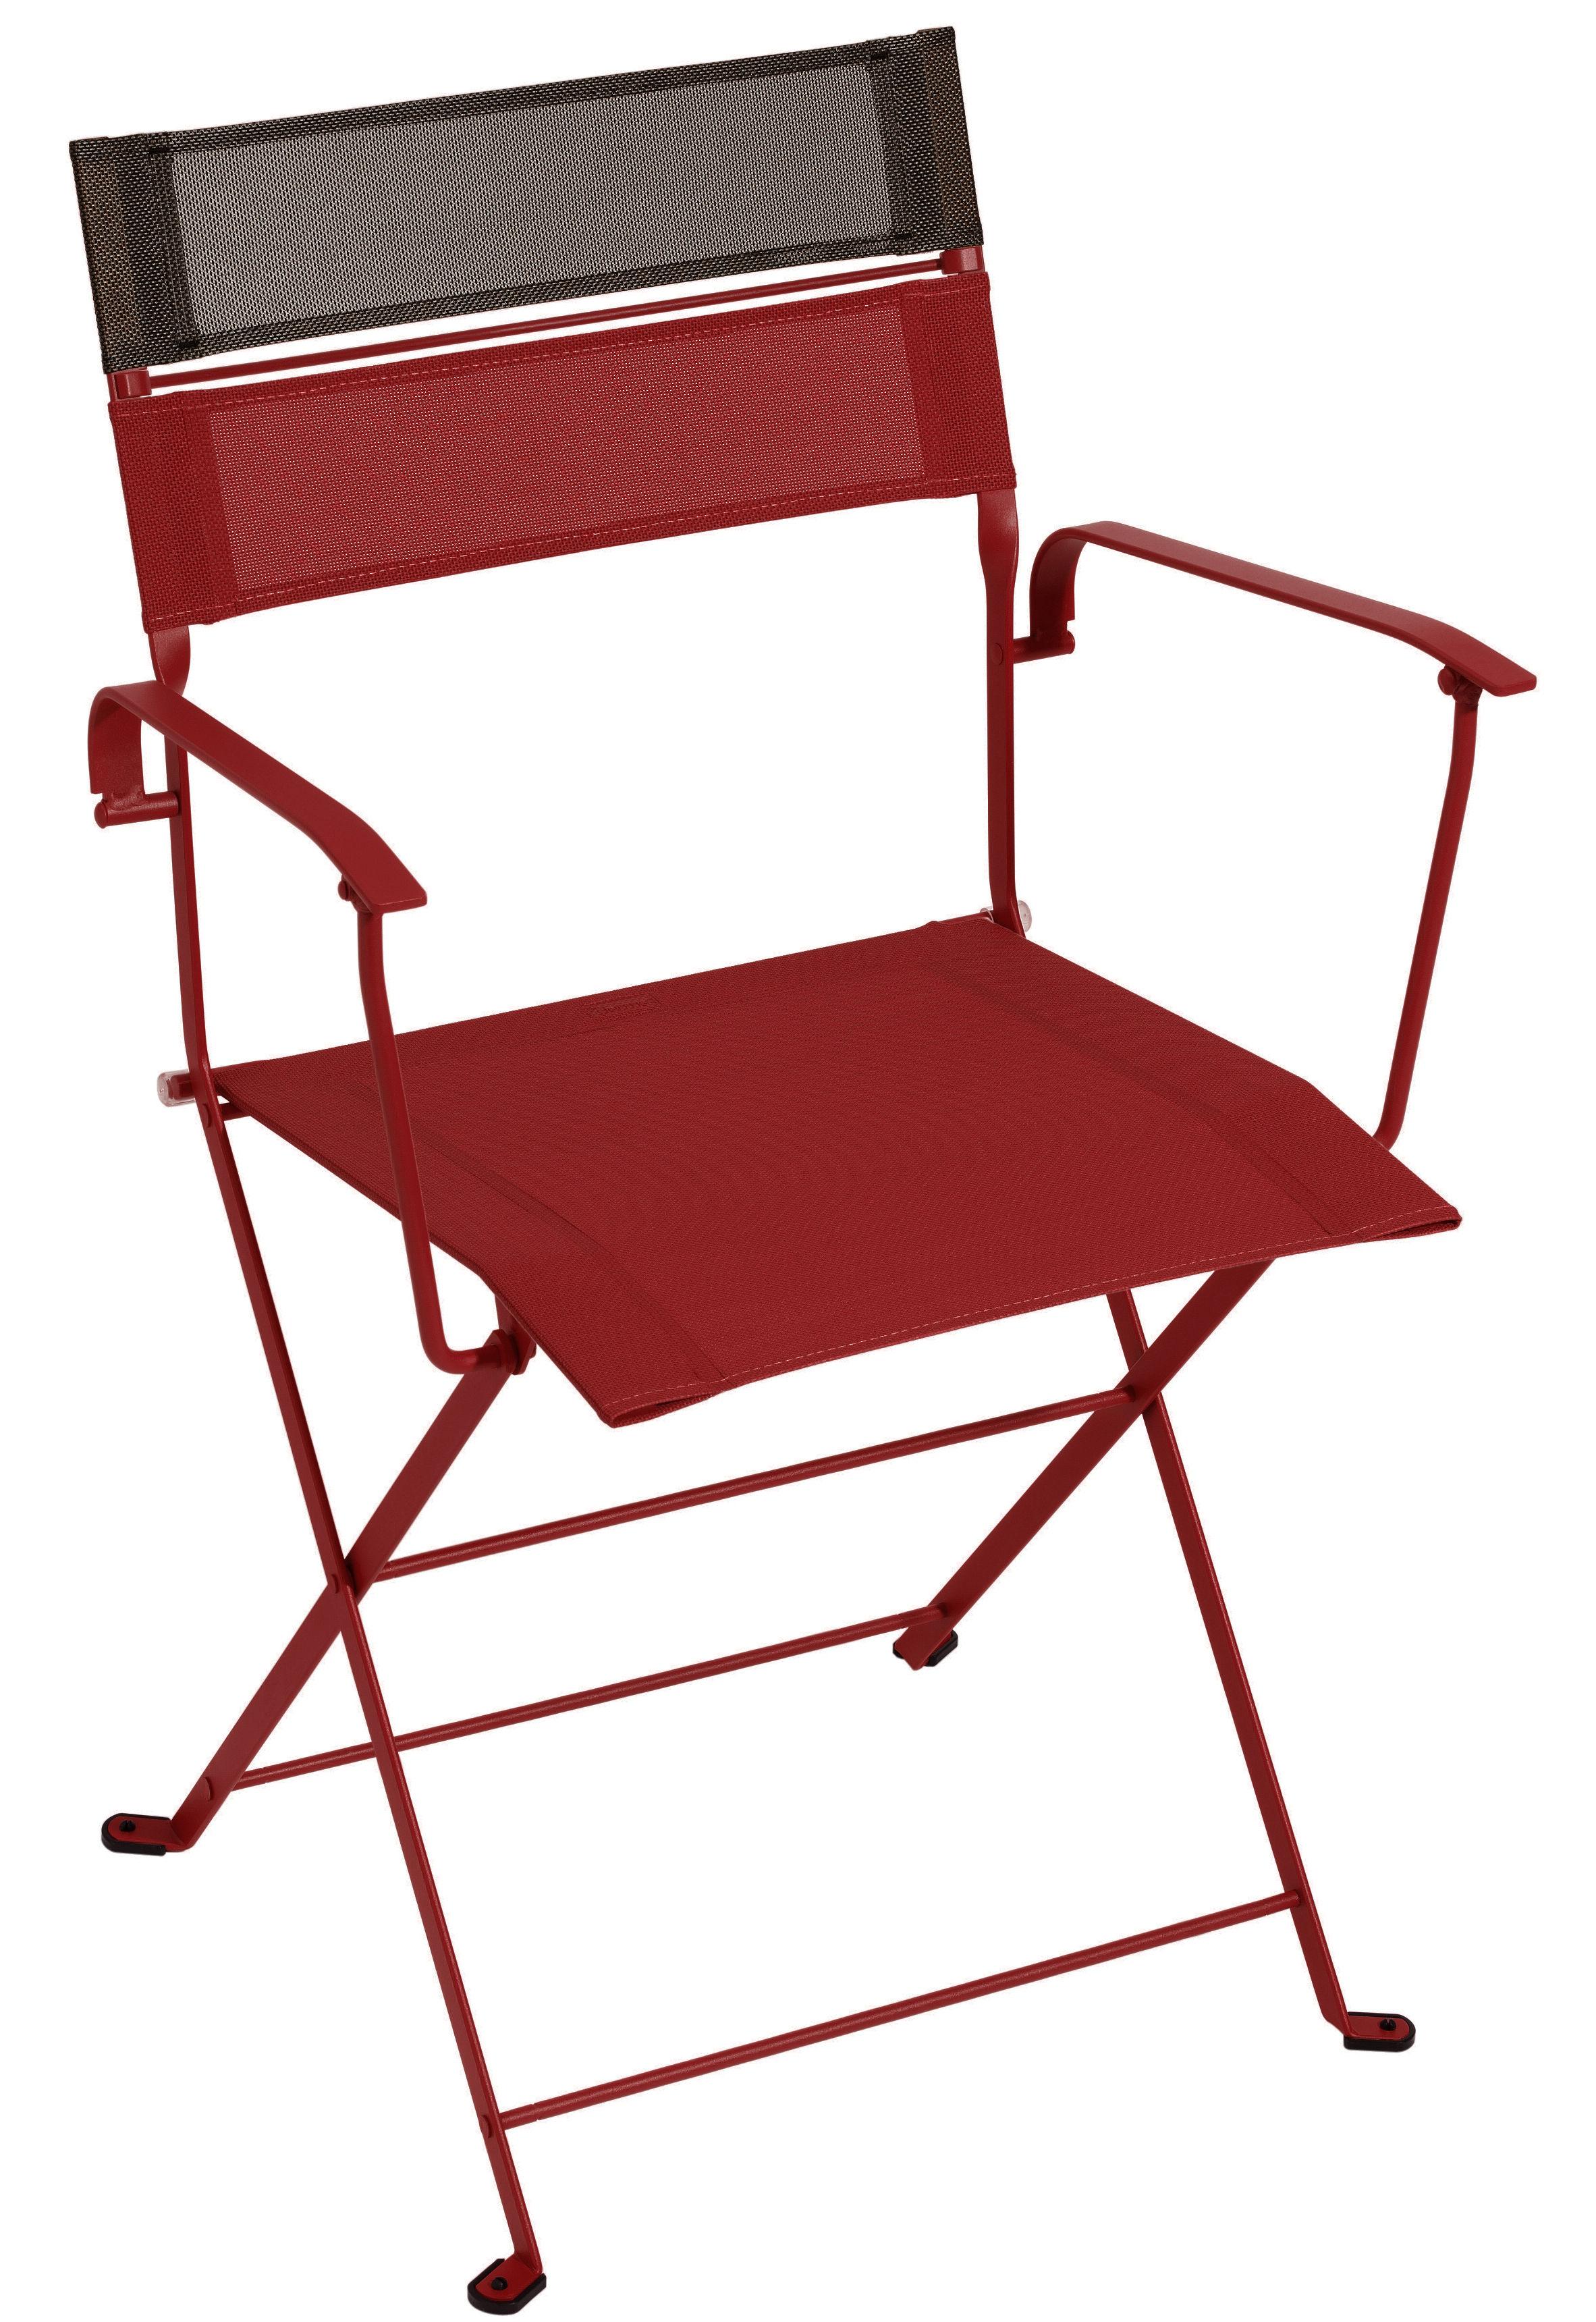 fauteuil pliant latitude toile structure piment bandeau rouille fermob. Black Bedroom Furniture Sets. Home Design Ideas